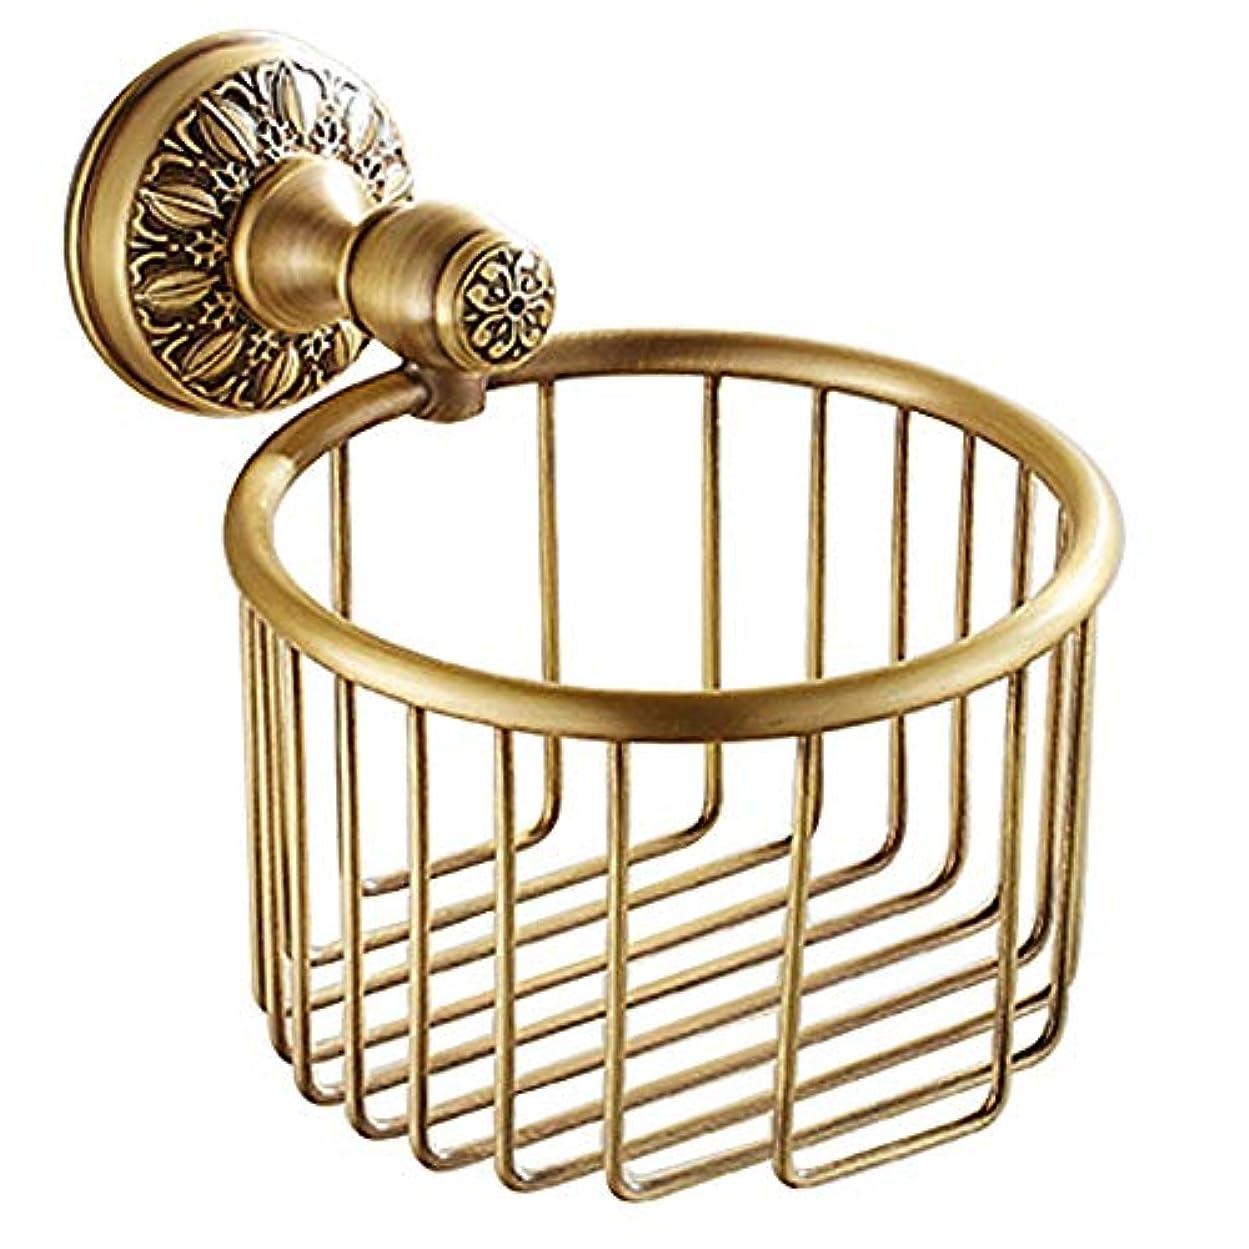 事前肥満多用途ZZLX 紙タオルホルダー、ヨーロッパスタイルのフル銅模倣アンティークバスルームトイレットペーパータオルホルダー ロングハンドル風呂ブラシ